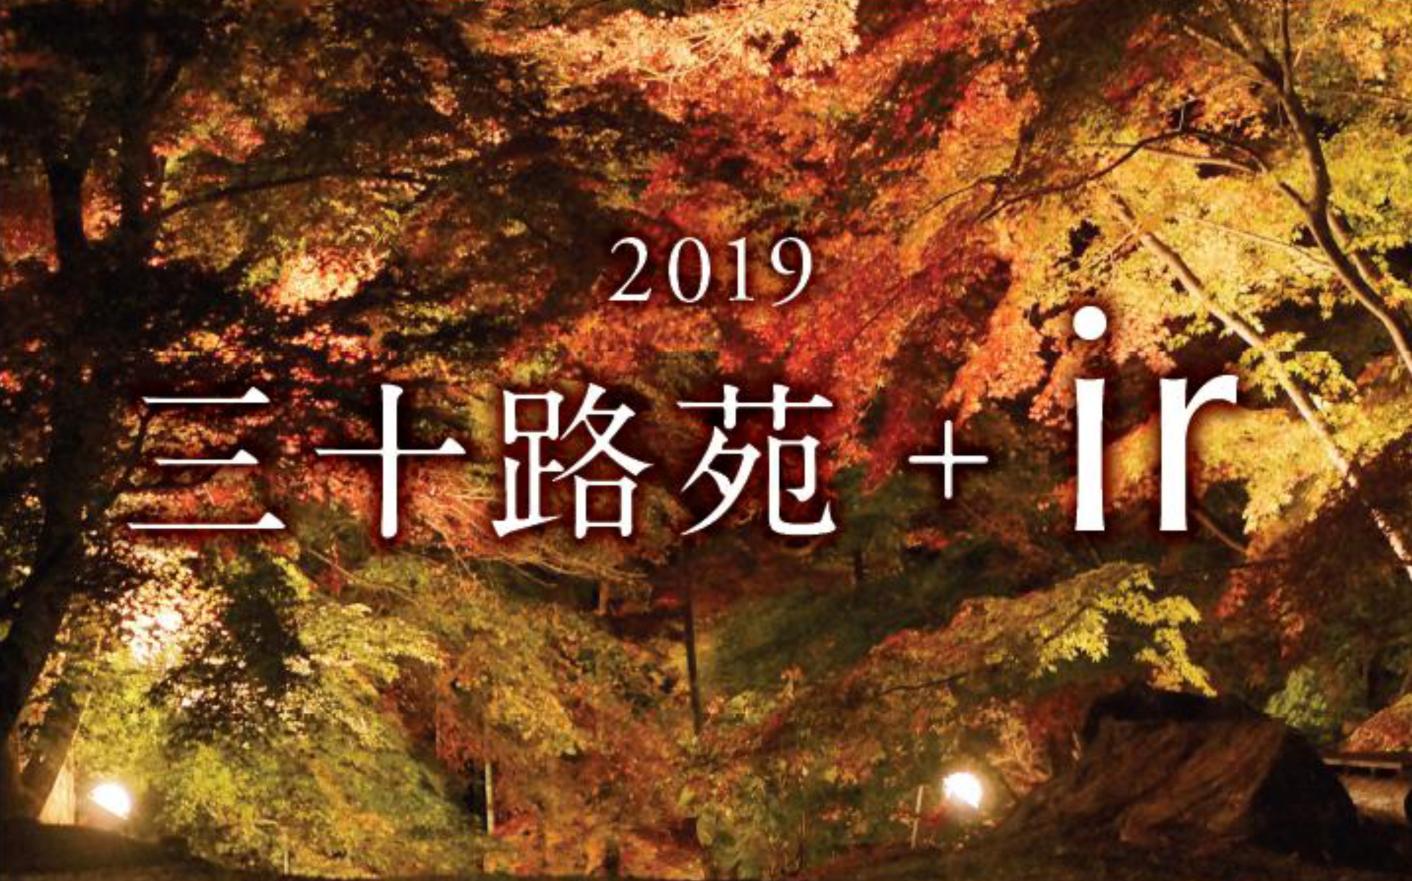 11月後半の紅葉の見所 三十路苑でイベント開催!